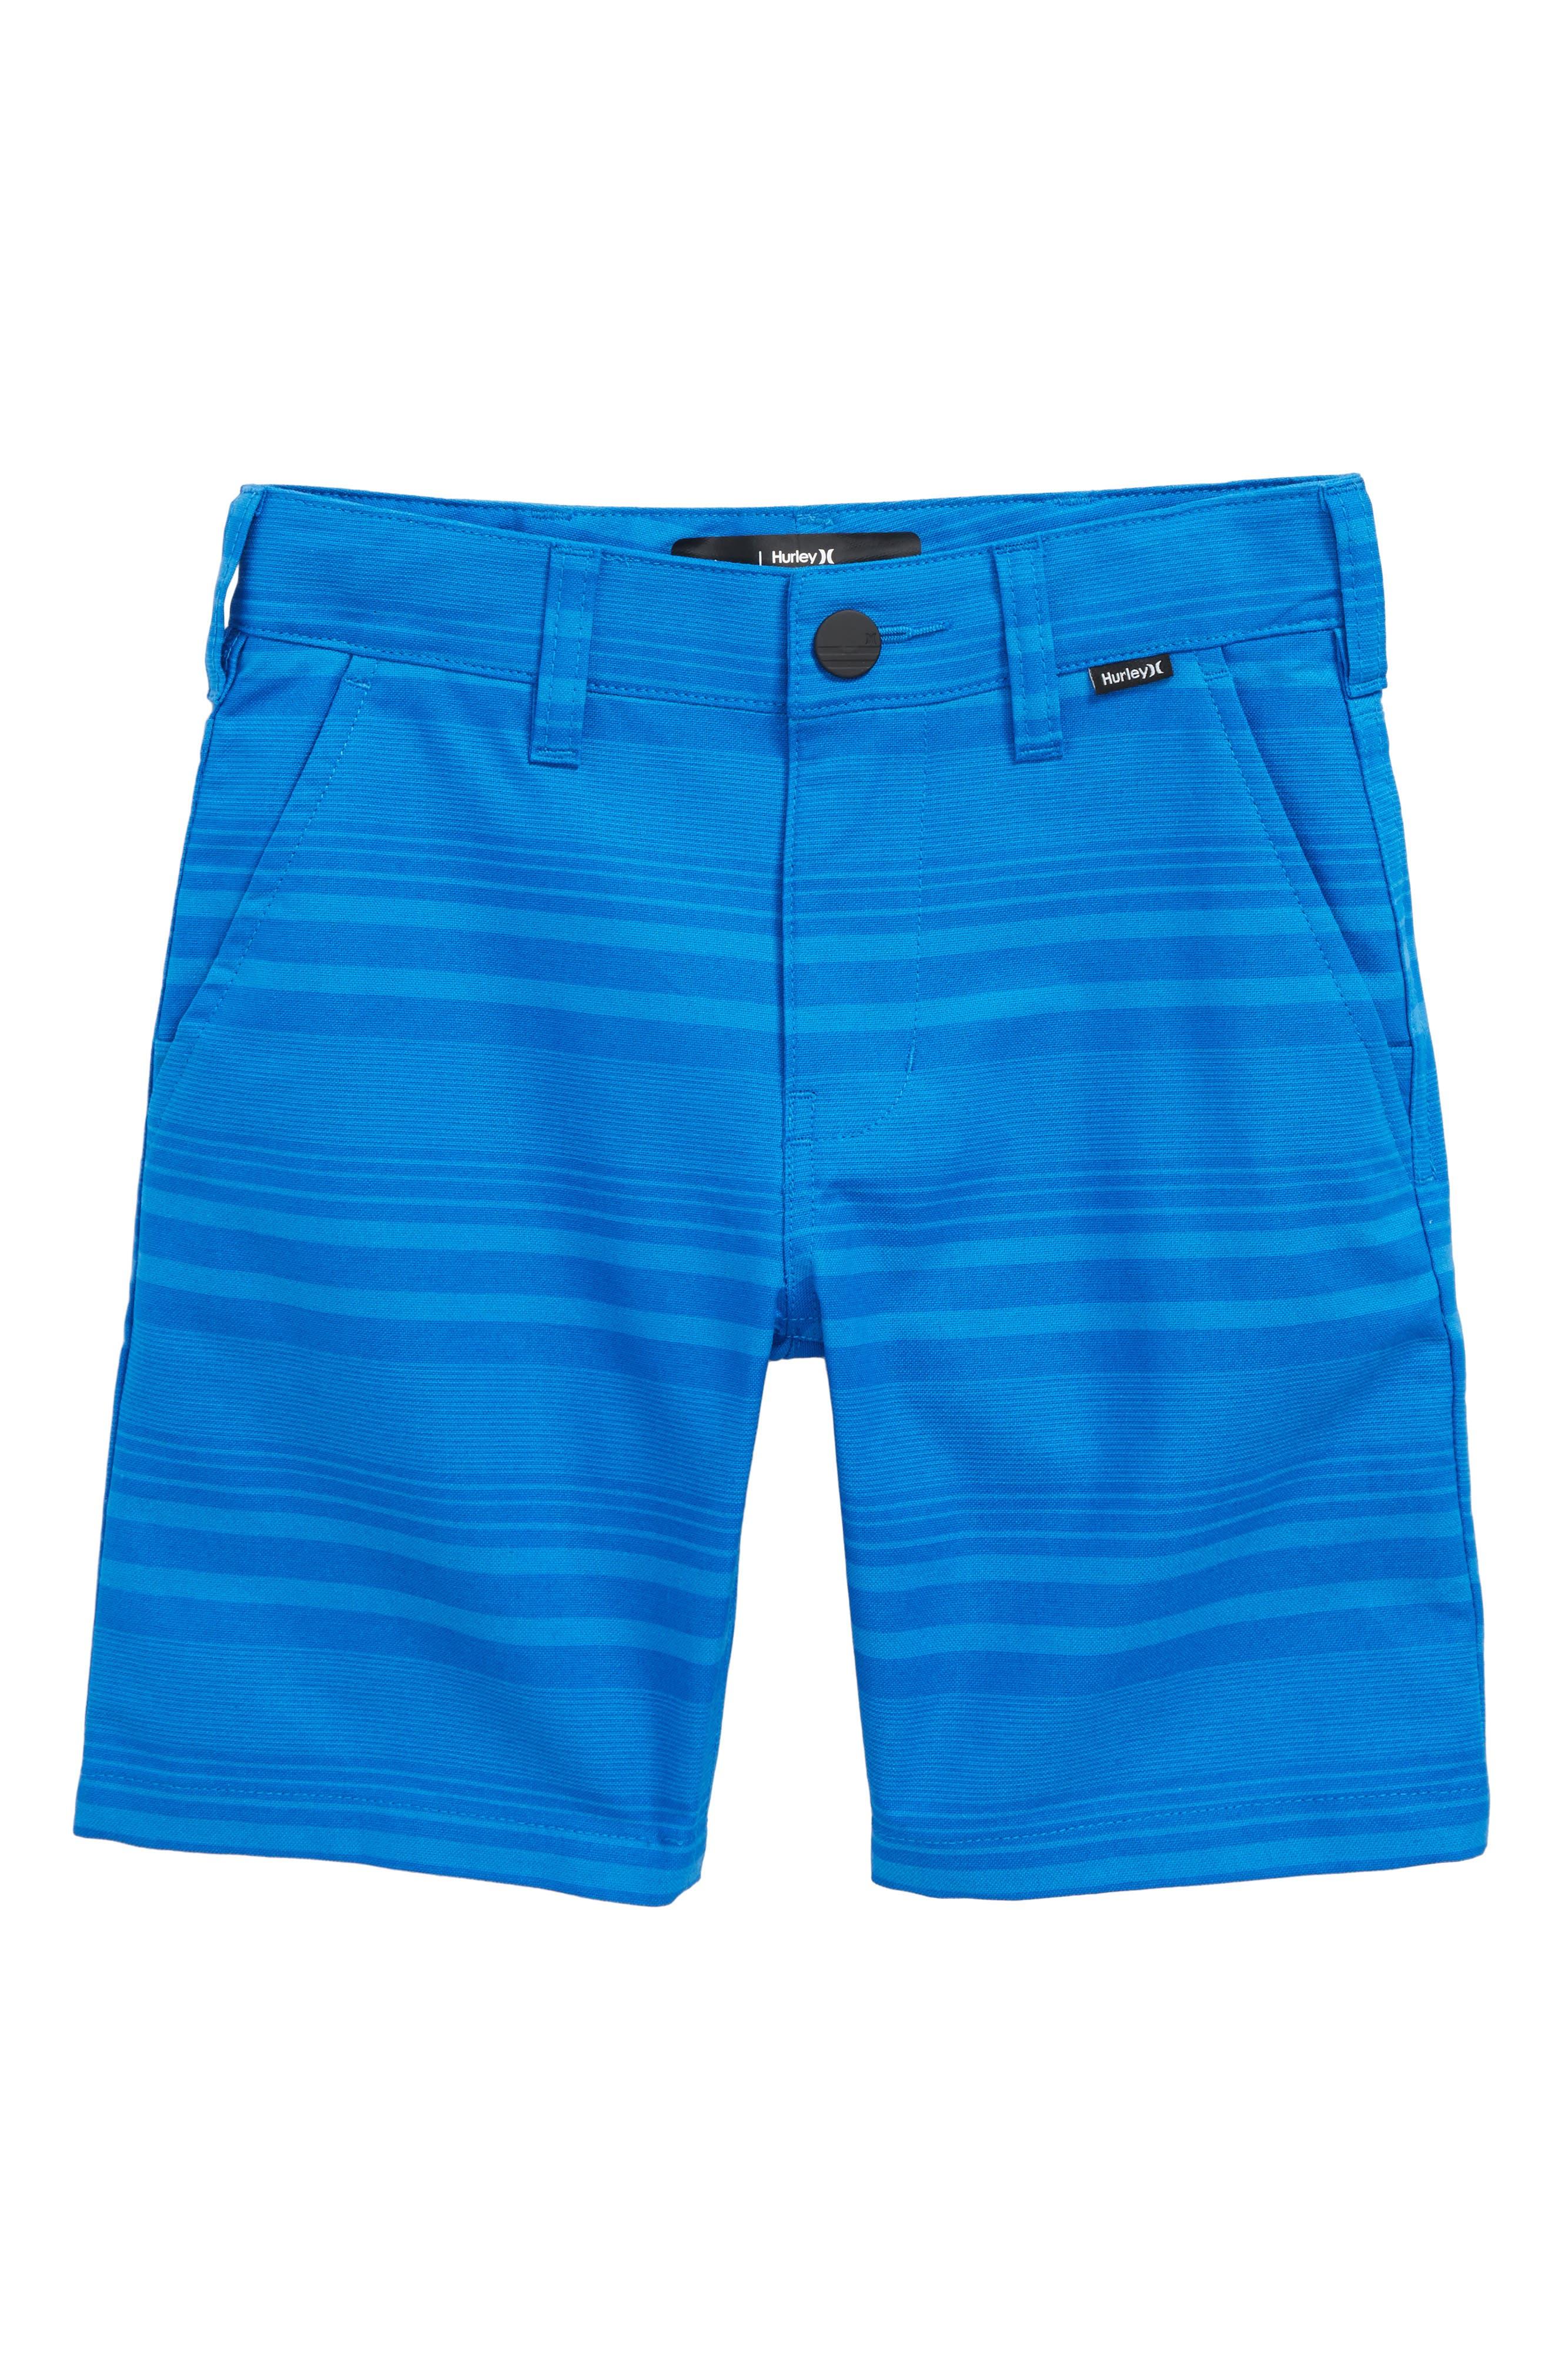 Alternate Image 1 Selected - Hurley Jones Hybrid Shorts (Toddler Boys & Little Boys)